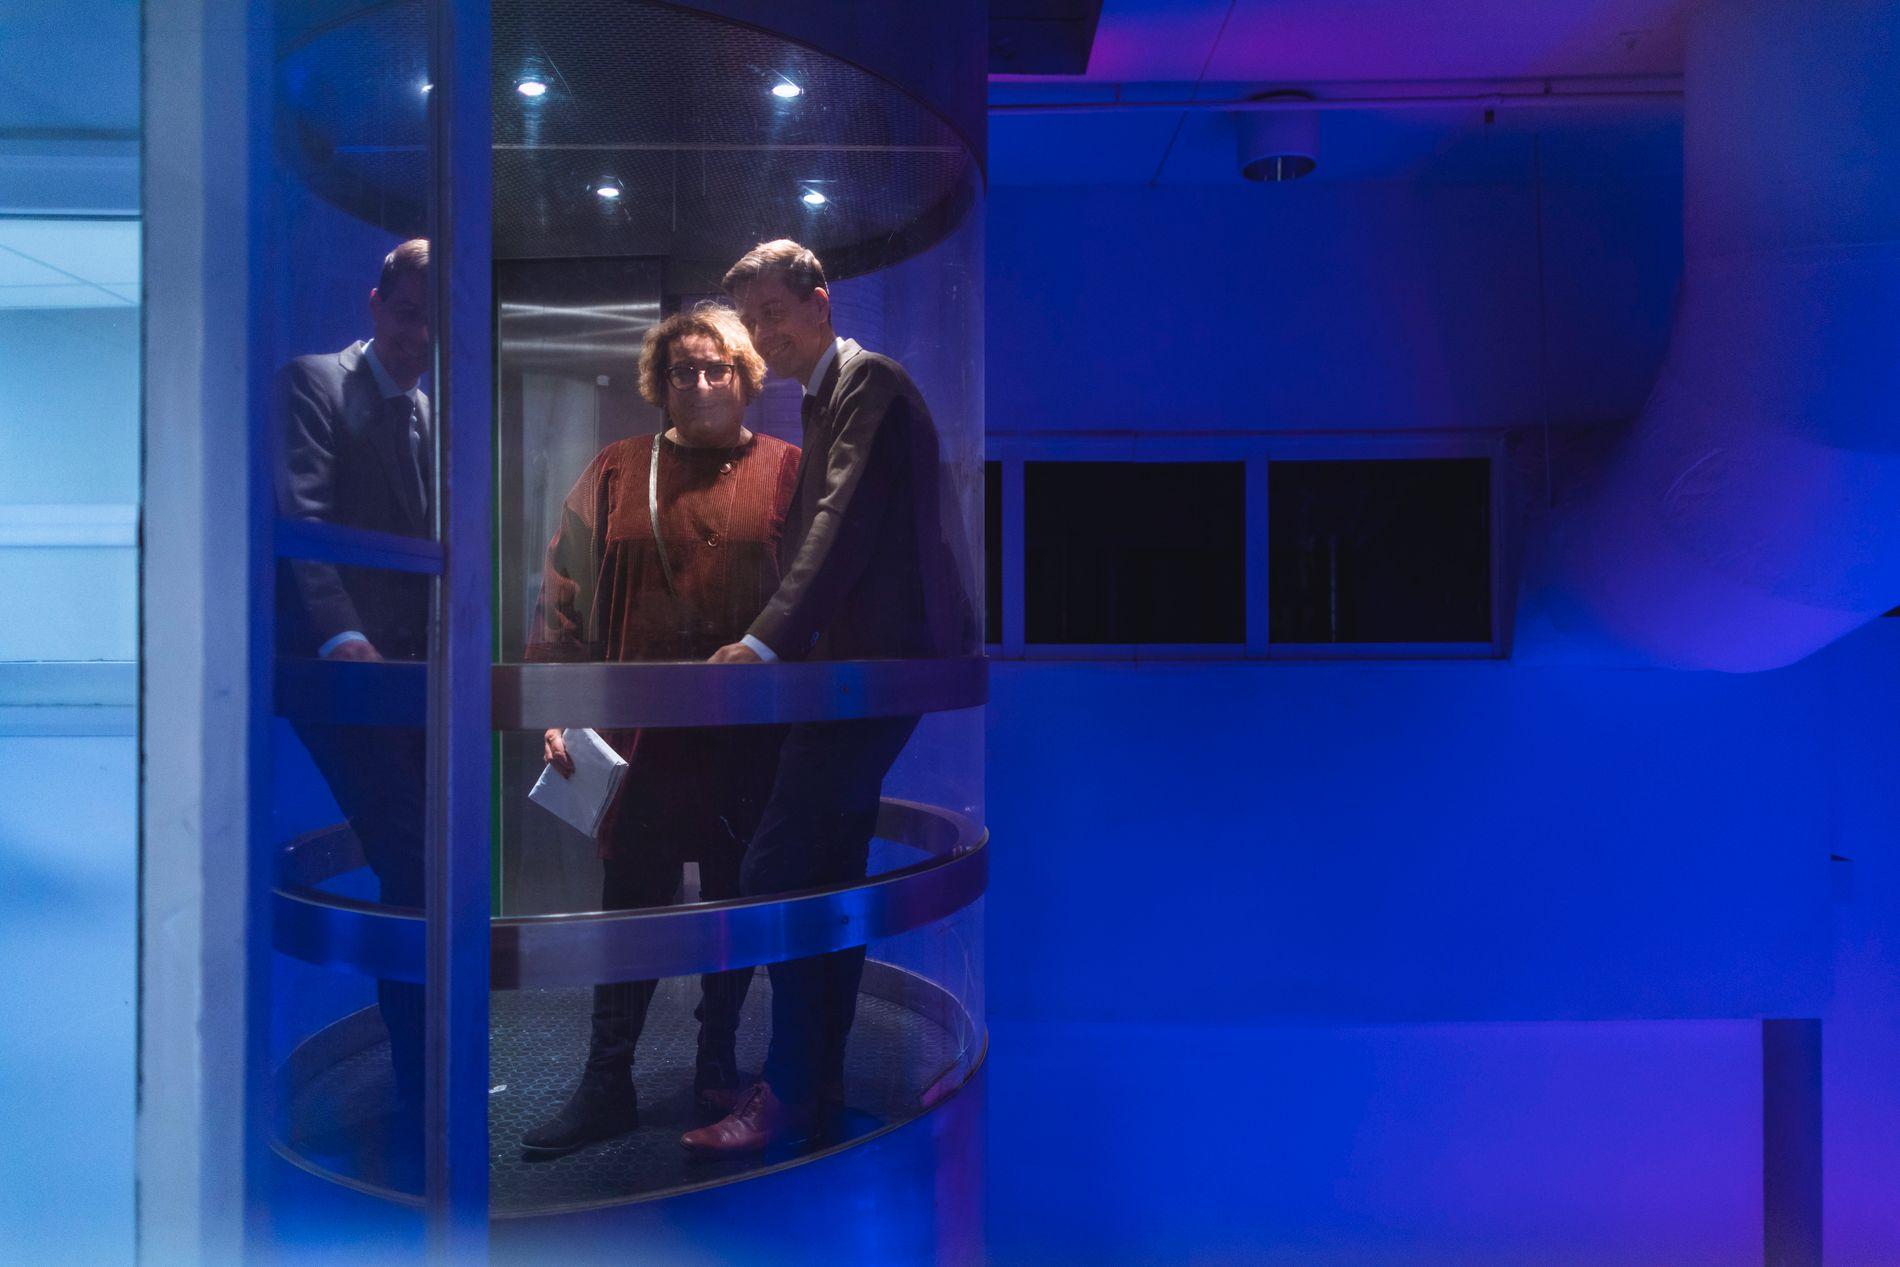 AVGJØRENDE: Lederne i KrF i heisen før det avgjørende møtet i Rogaland KrF der blå side stakk av med de fleste mandatene.